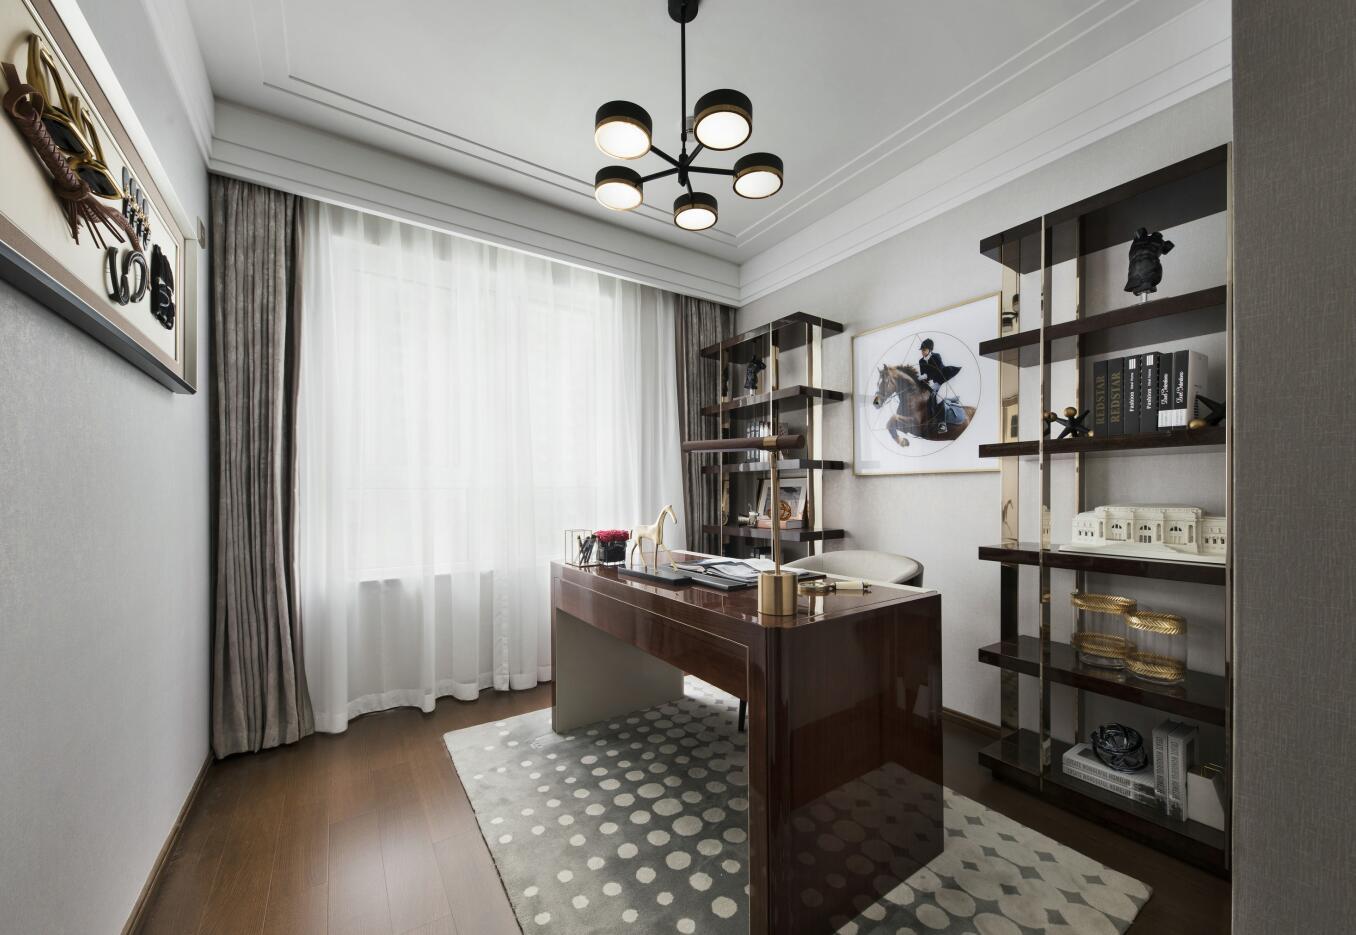 桥福园现代简约风格二居室装修效果图